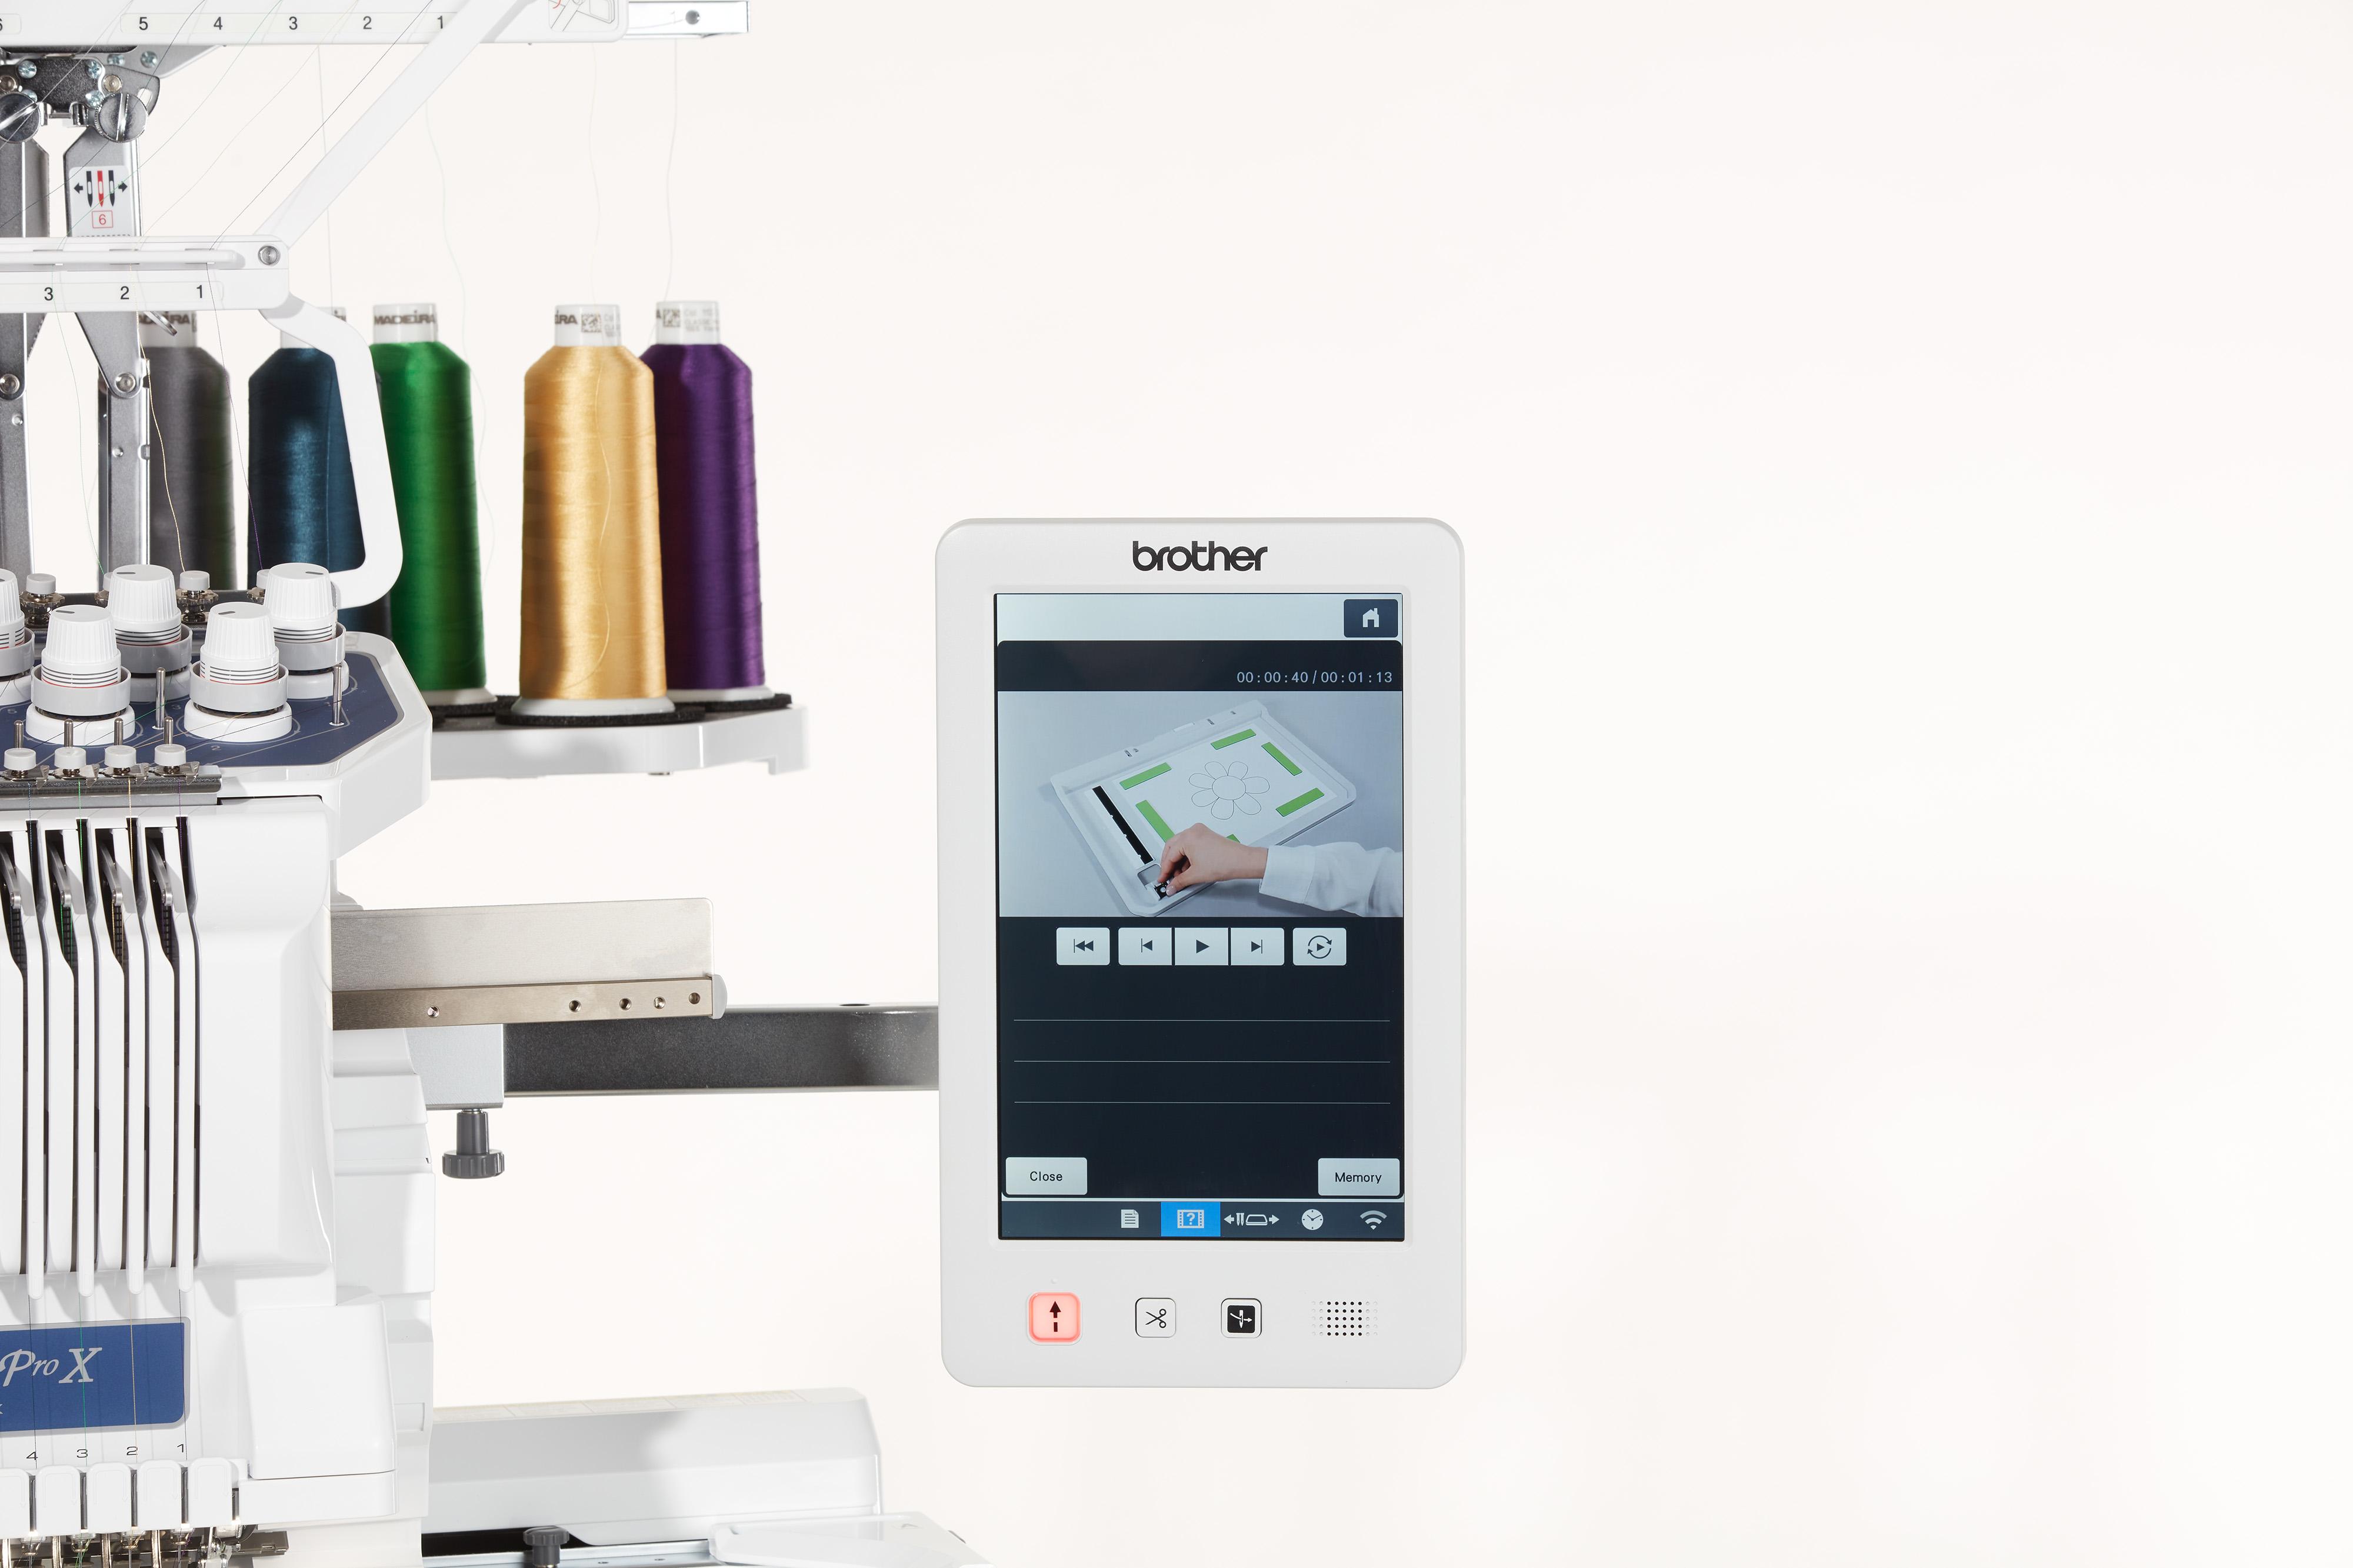 Besonders großer farbiger Touchscreen mit 10,1 Zoll Bildschirmdiagonale